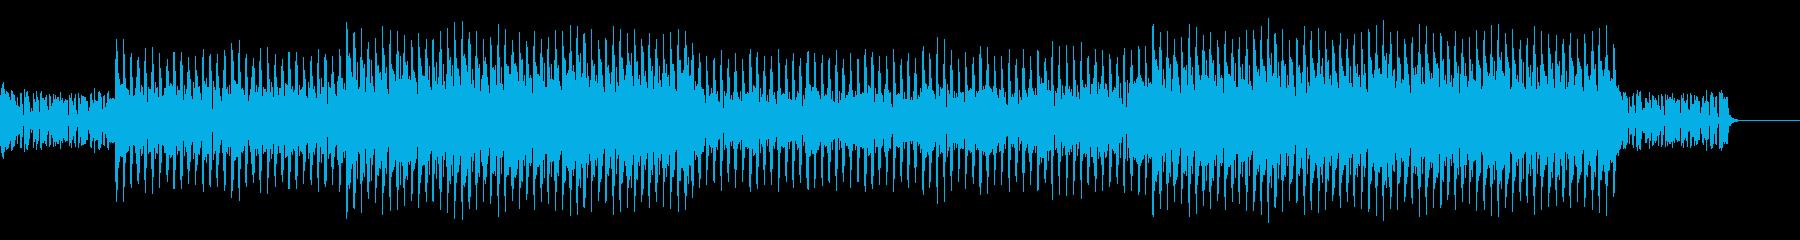 シリアスで機械が動く様なデジタルBGMの再生済みの波形